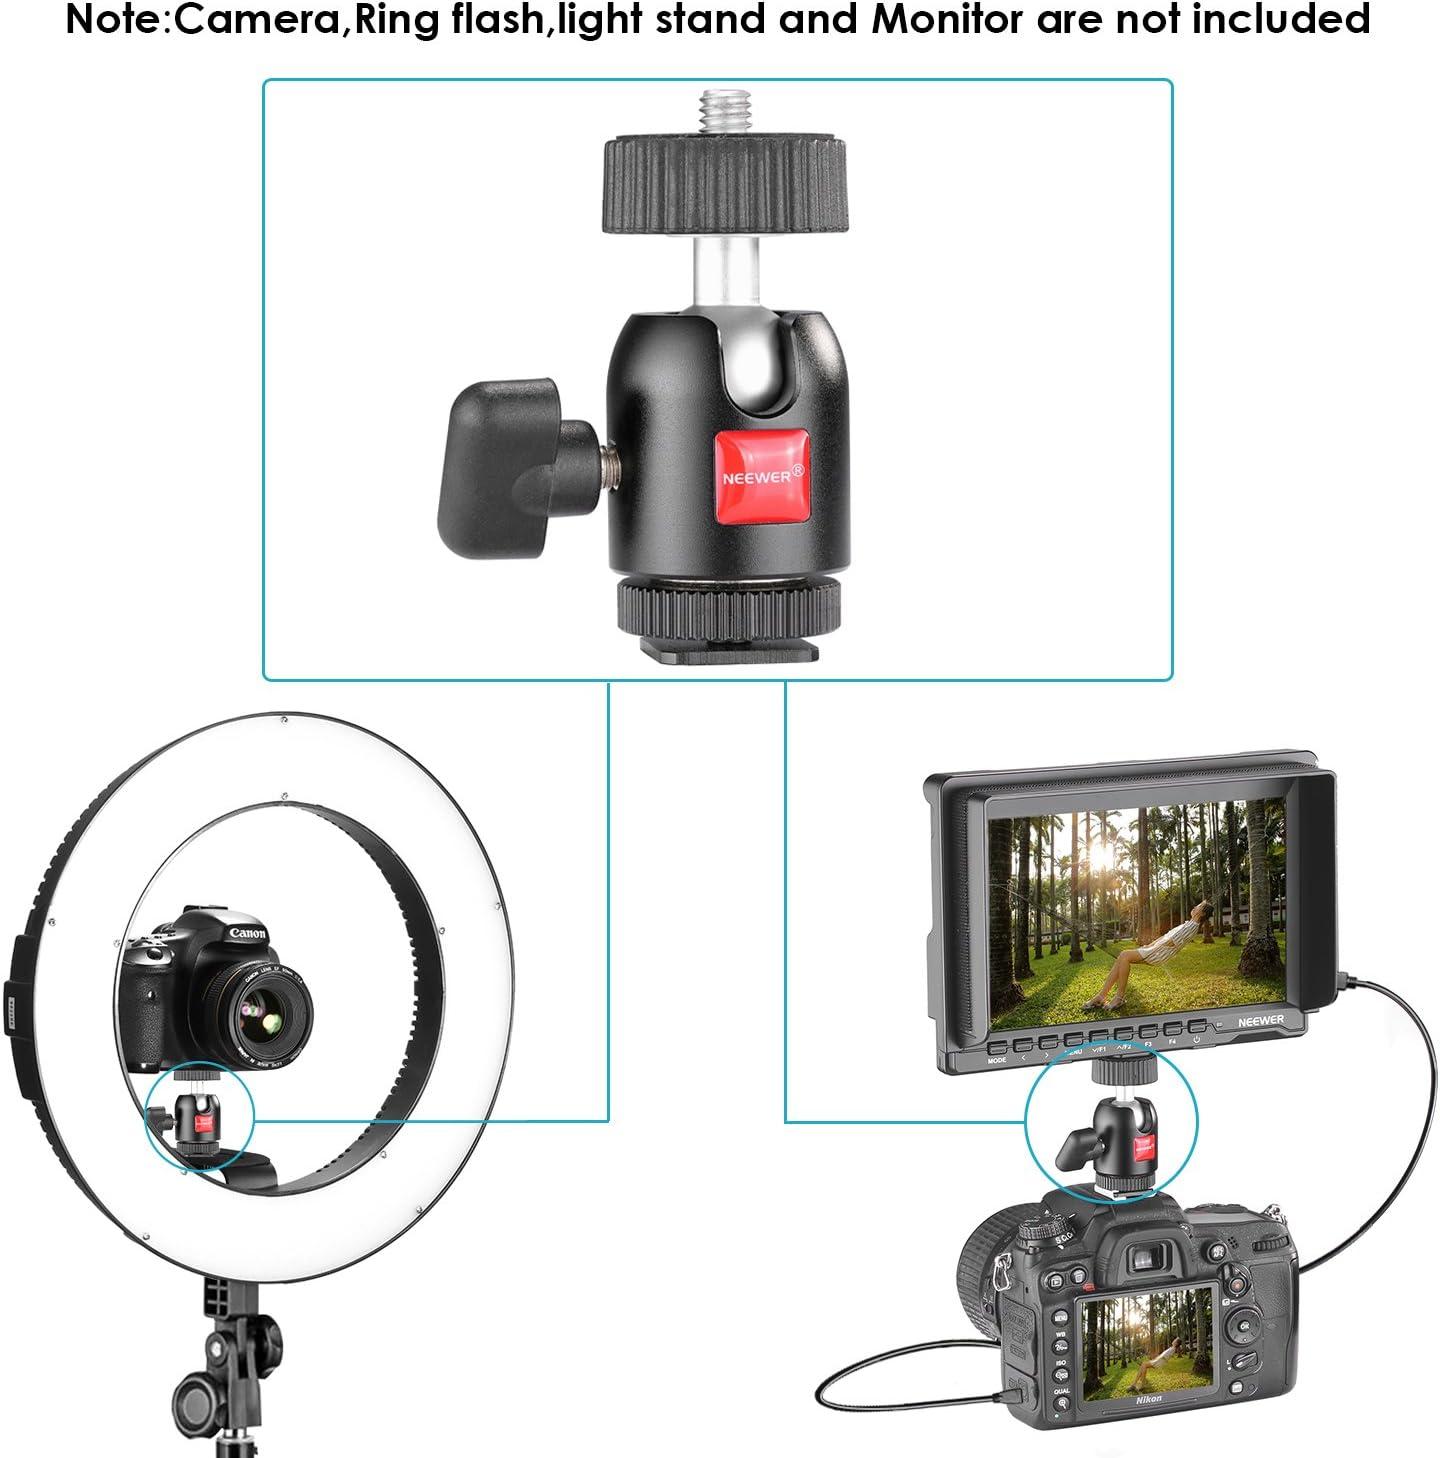 Neewer 1//4 Zoll Stativ Mini-Kugelkopf mit Schloss und Blitzschuh Adapter f/ür LED-Licht DSLR-Kameras Video und Camcorder Monitor